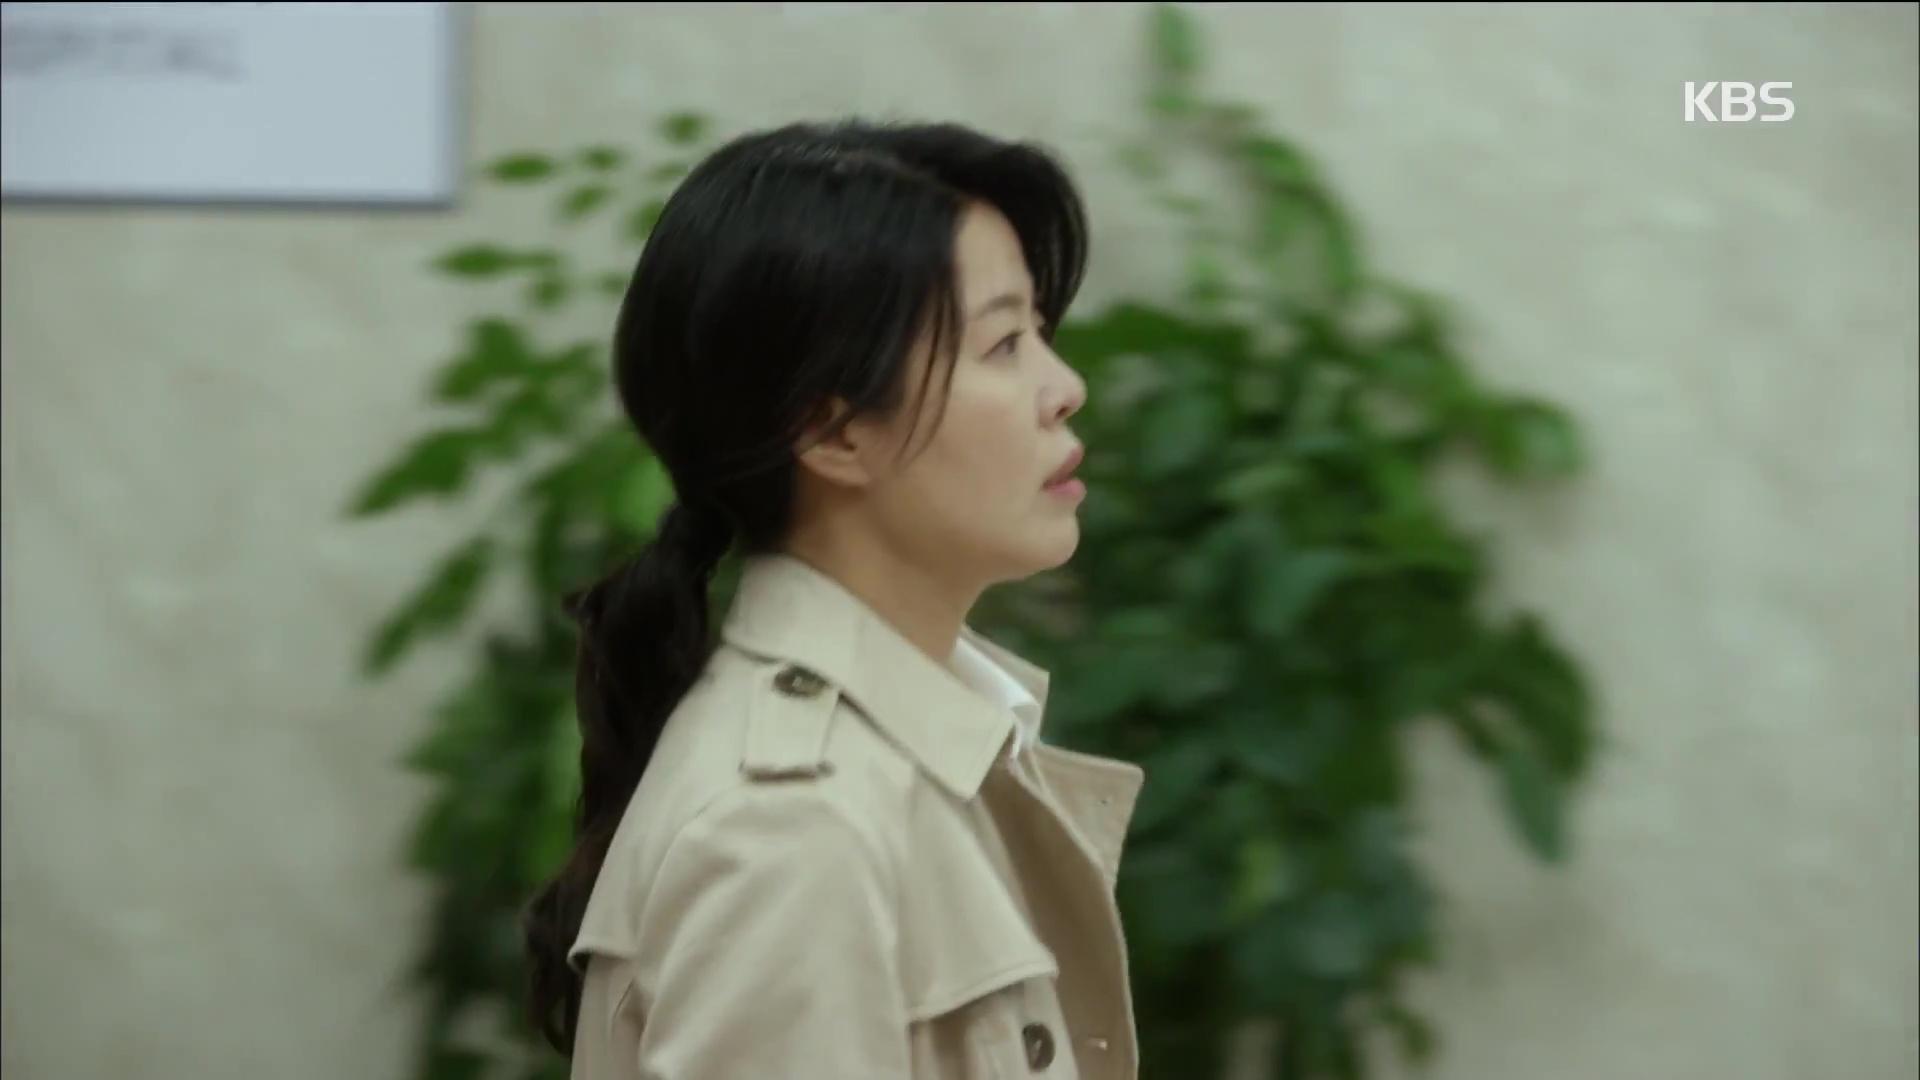 Phim Hàn gây sốc vì đánh thẳng vào nạn tấn công tình dục nữ giới - Ảnh 7.